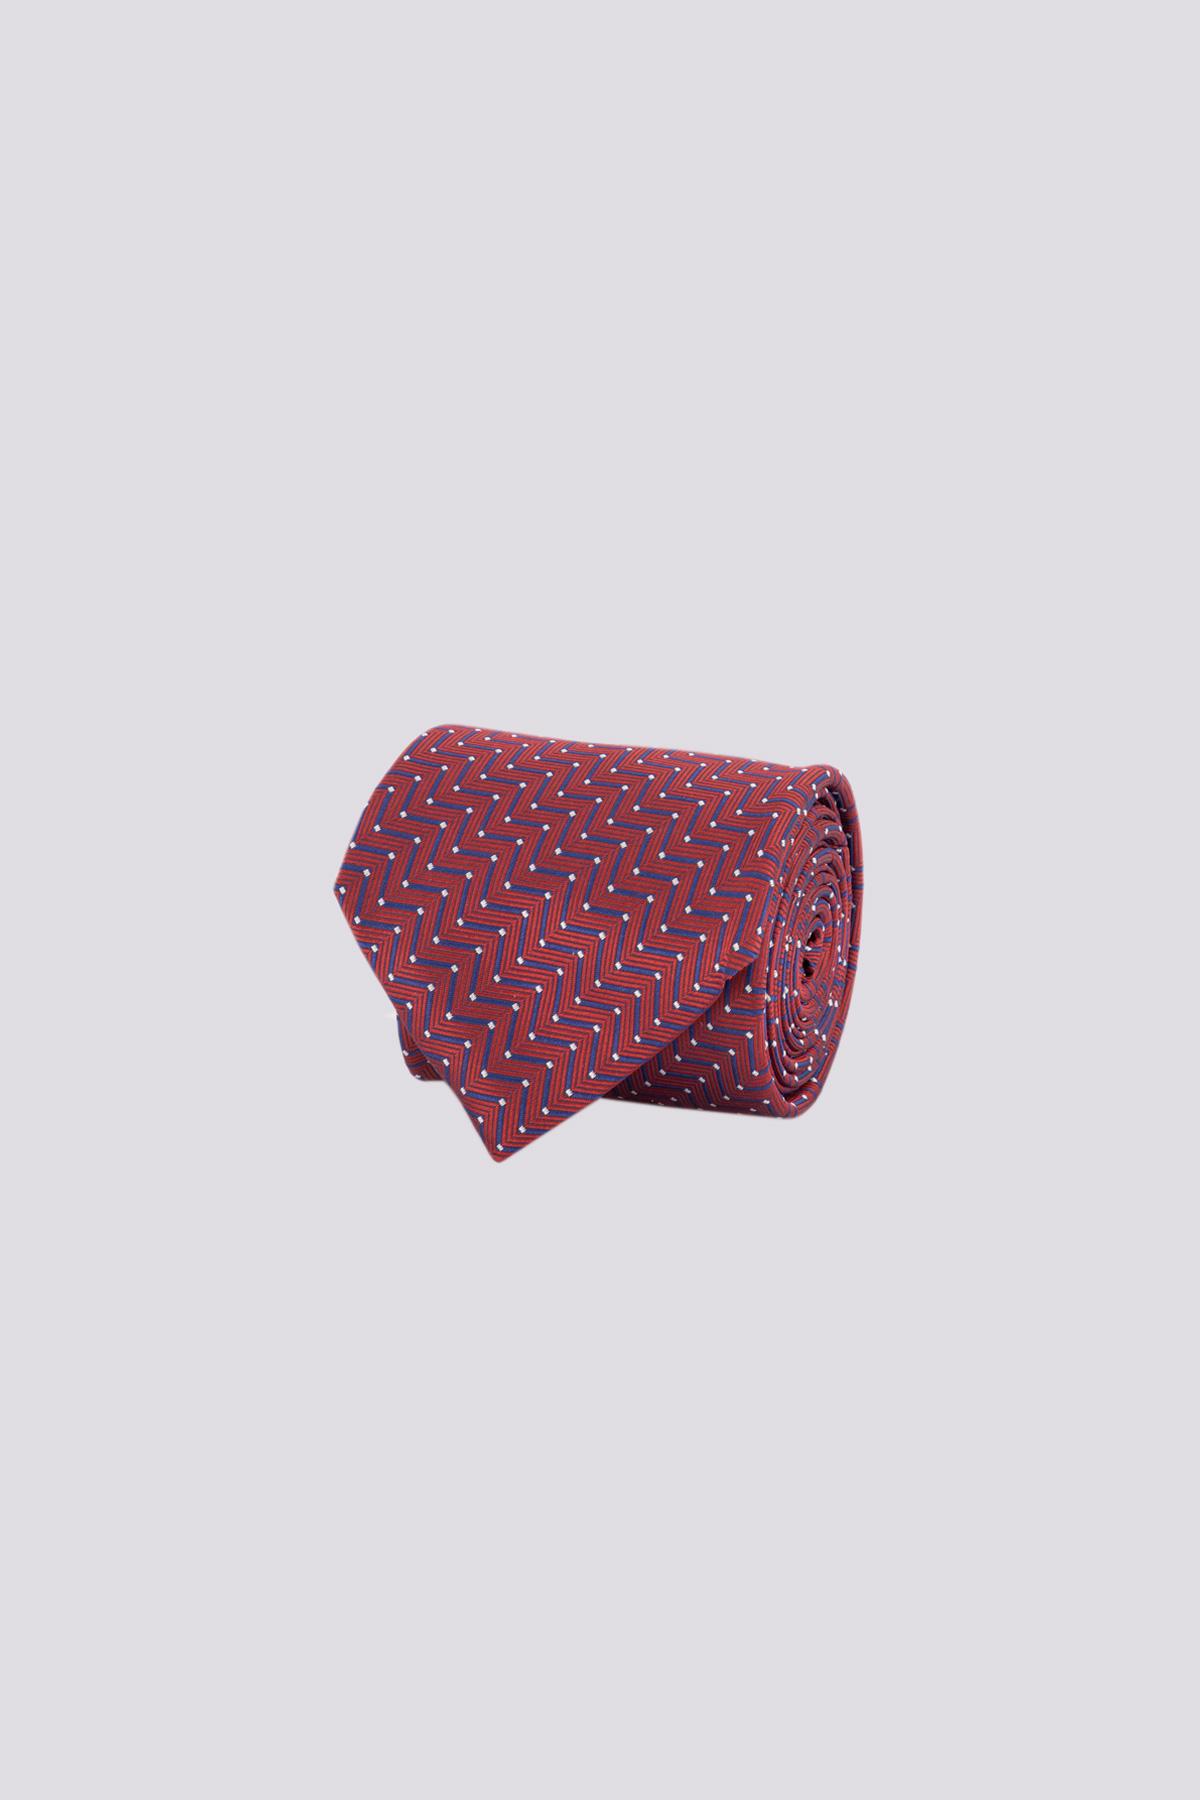 Corbata de seda marca CANALI color vino con moderno diseño